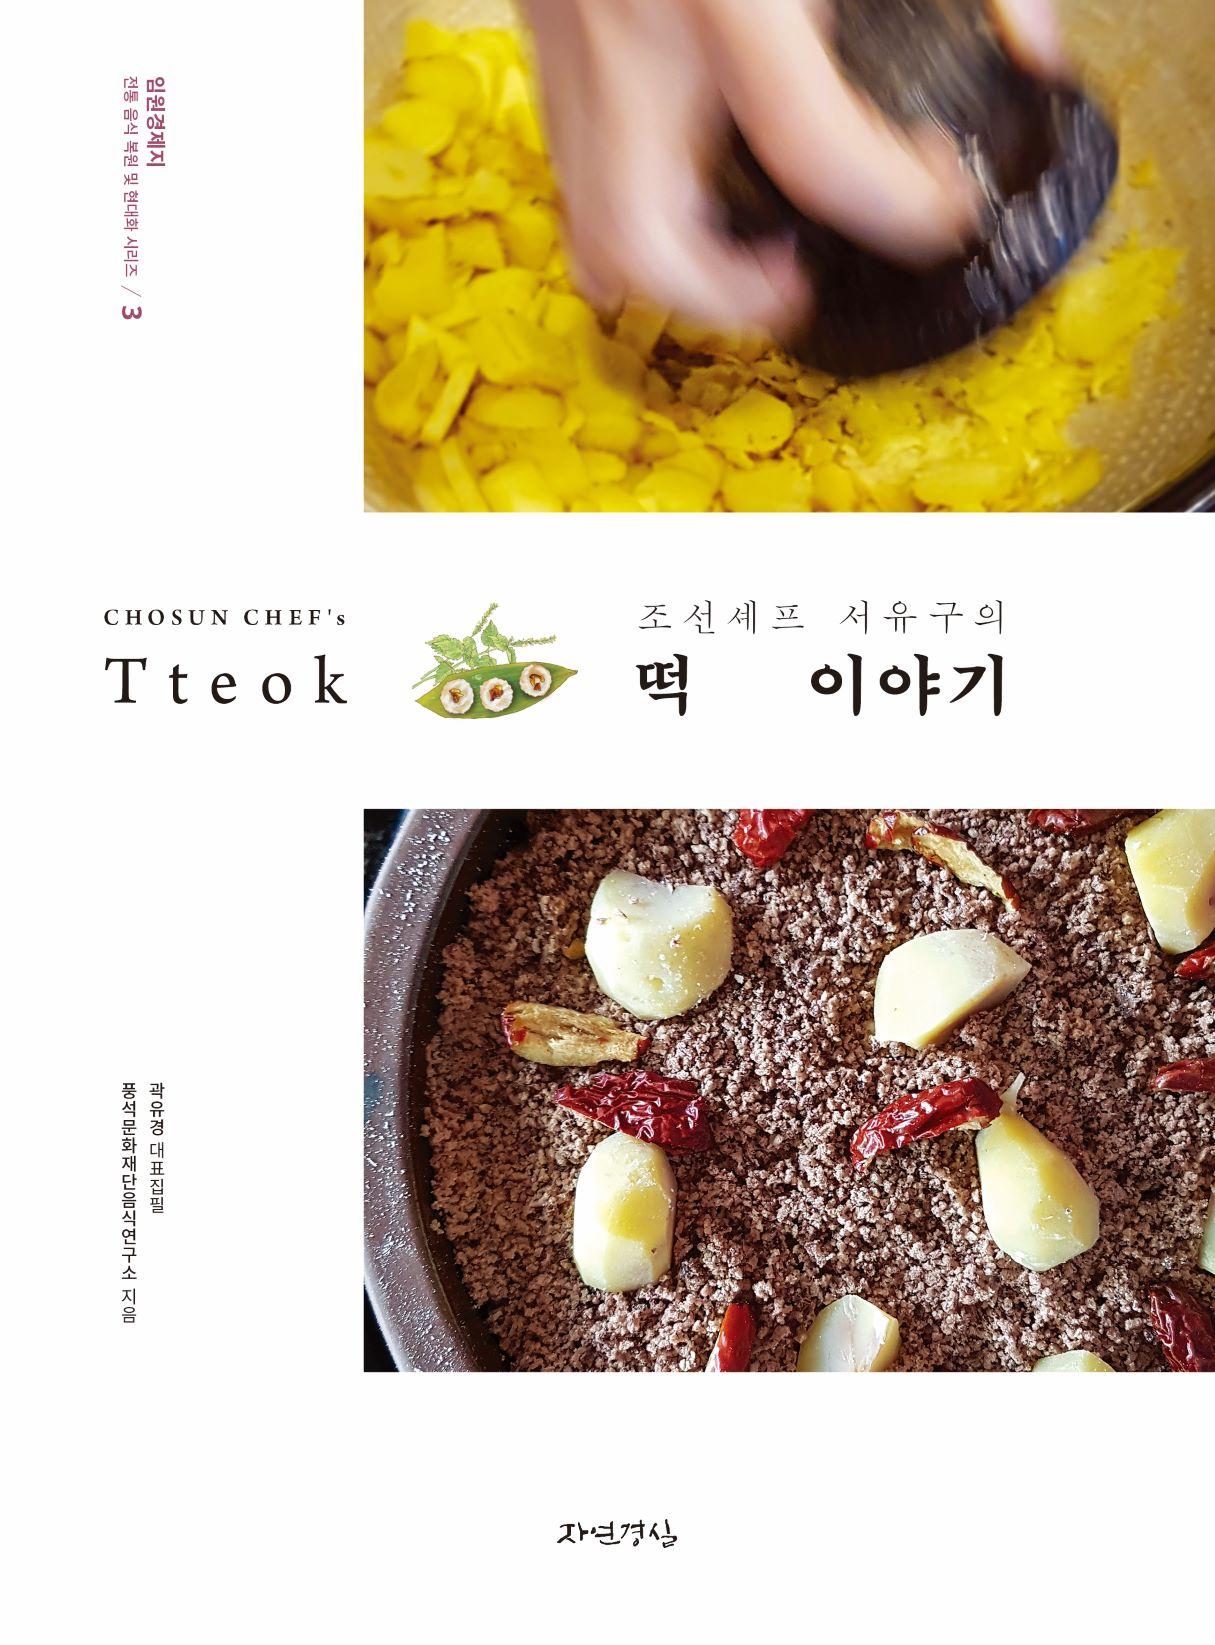 조선셰프 서유구의 떡이야기_표지.jpg